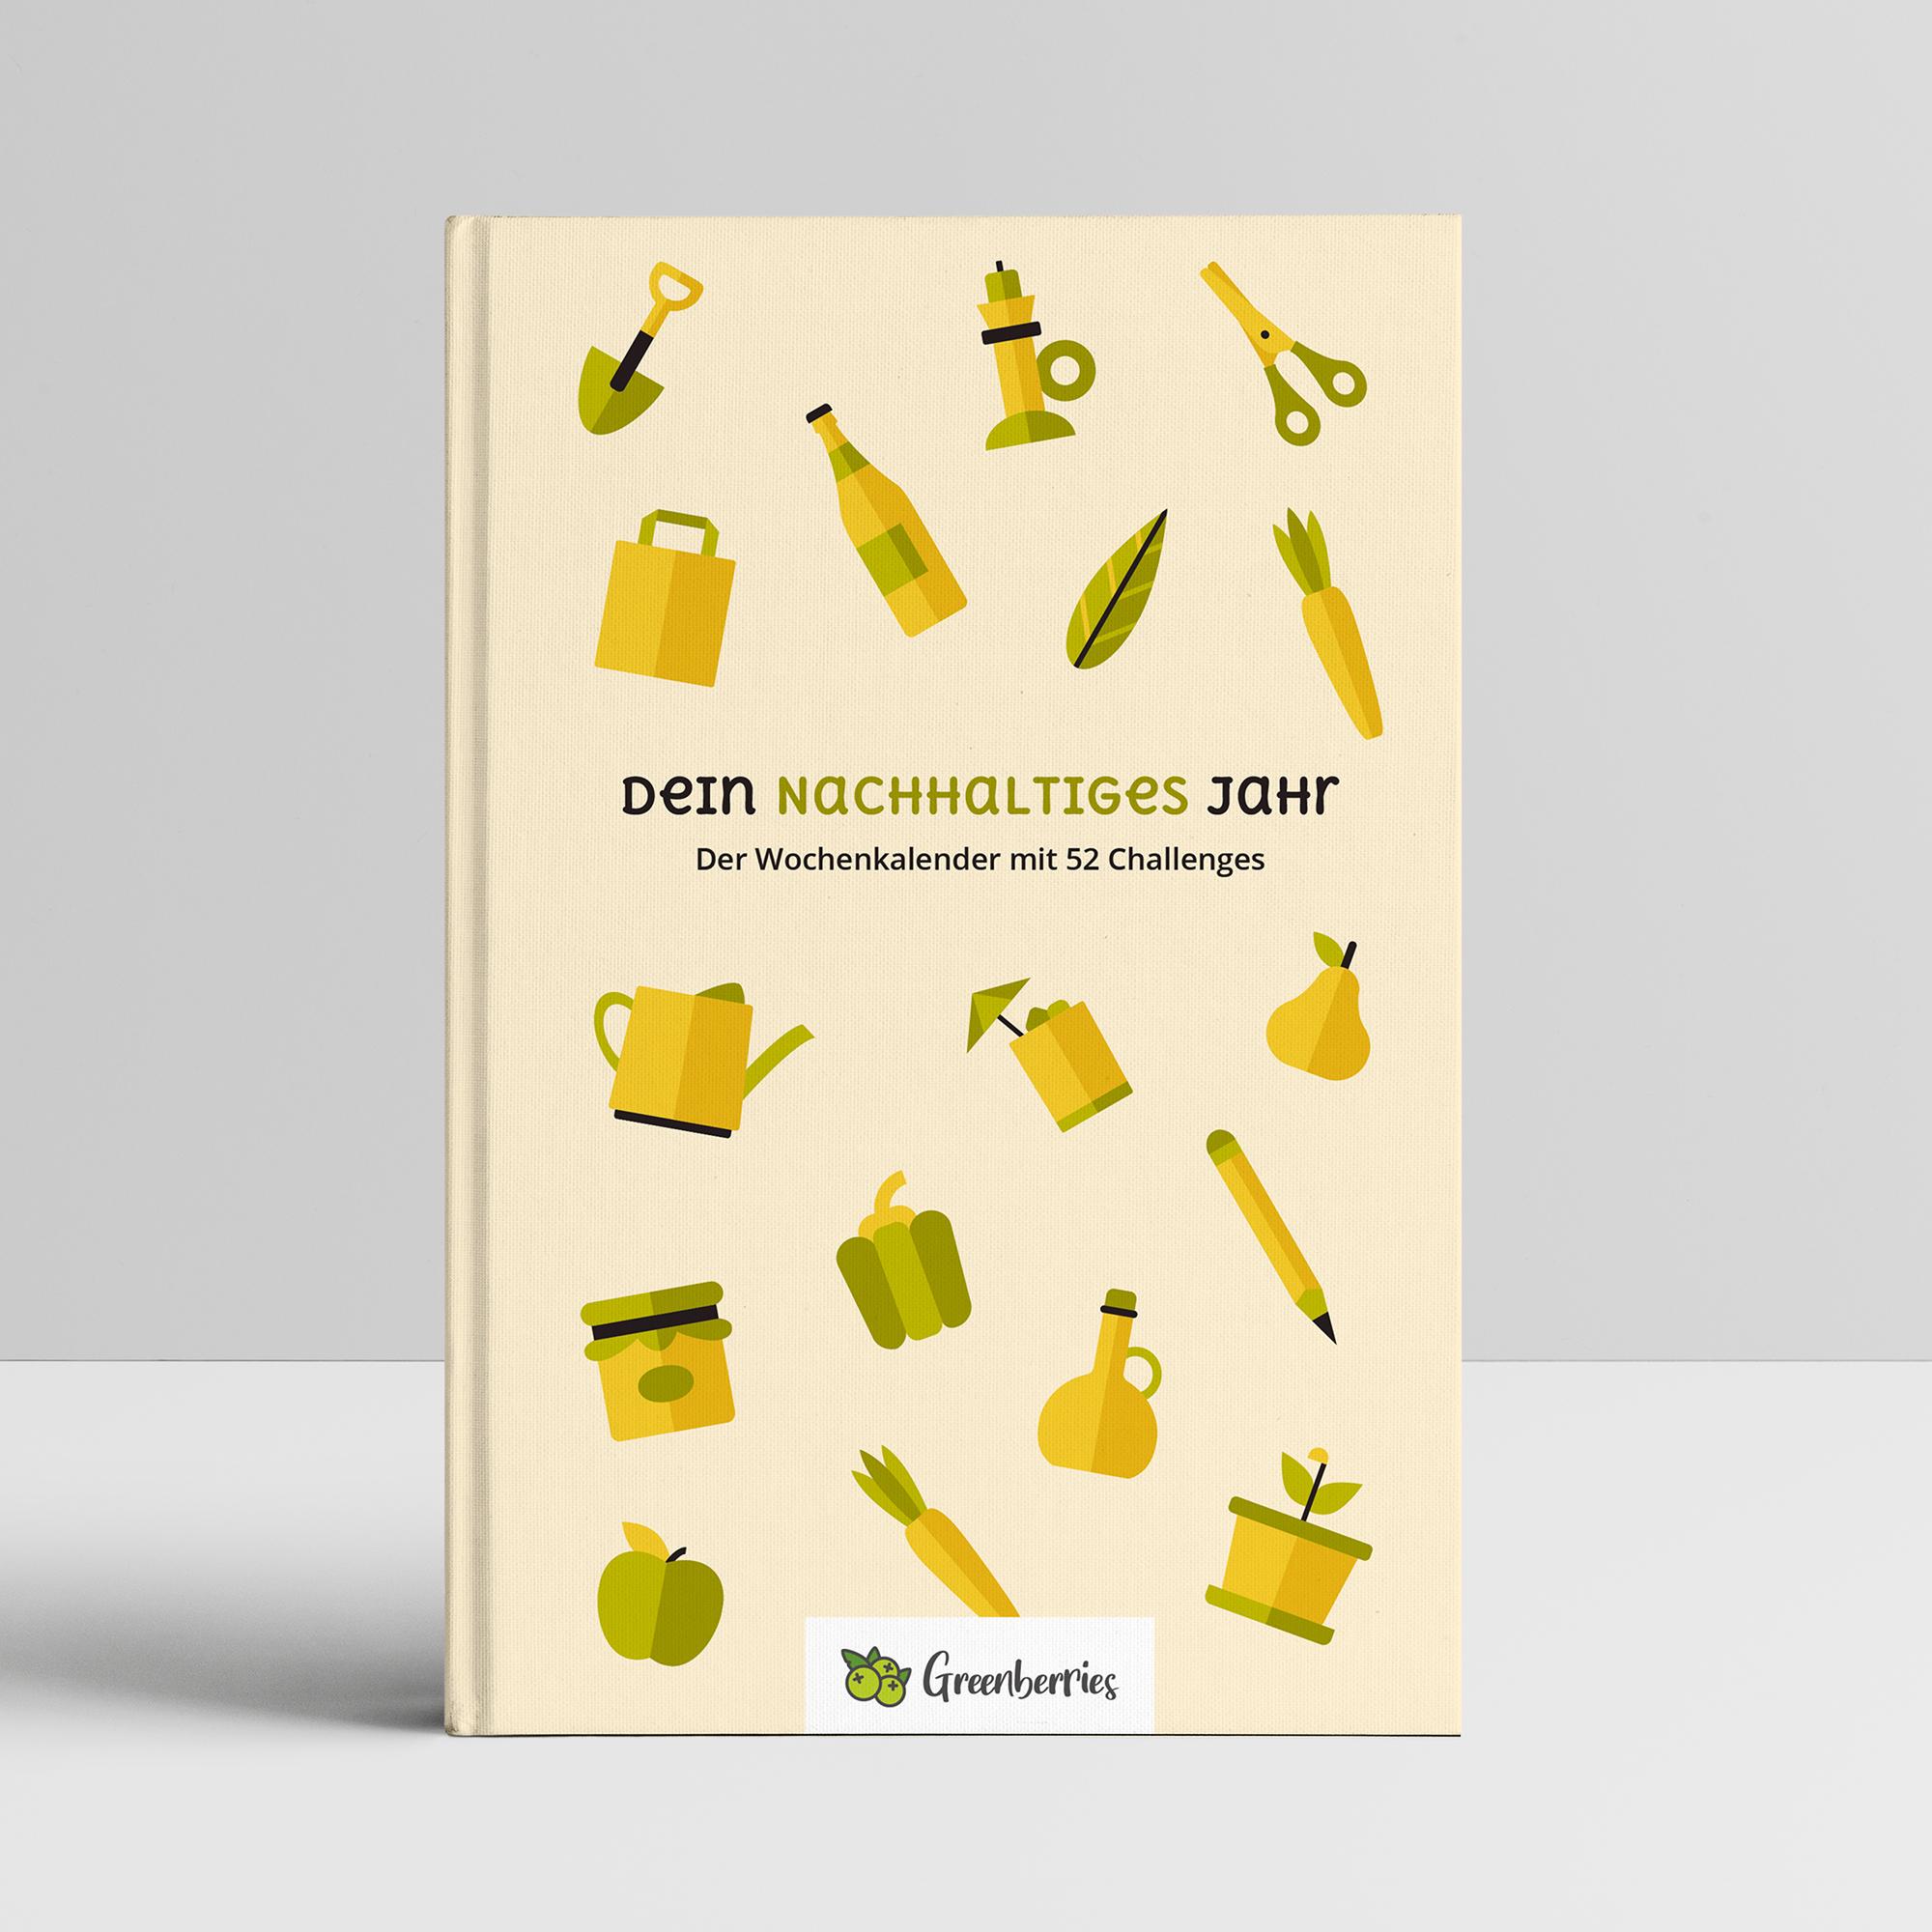 Dein nachhaltiges Jahr - Cover vom Kalender